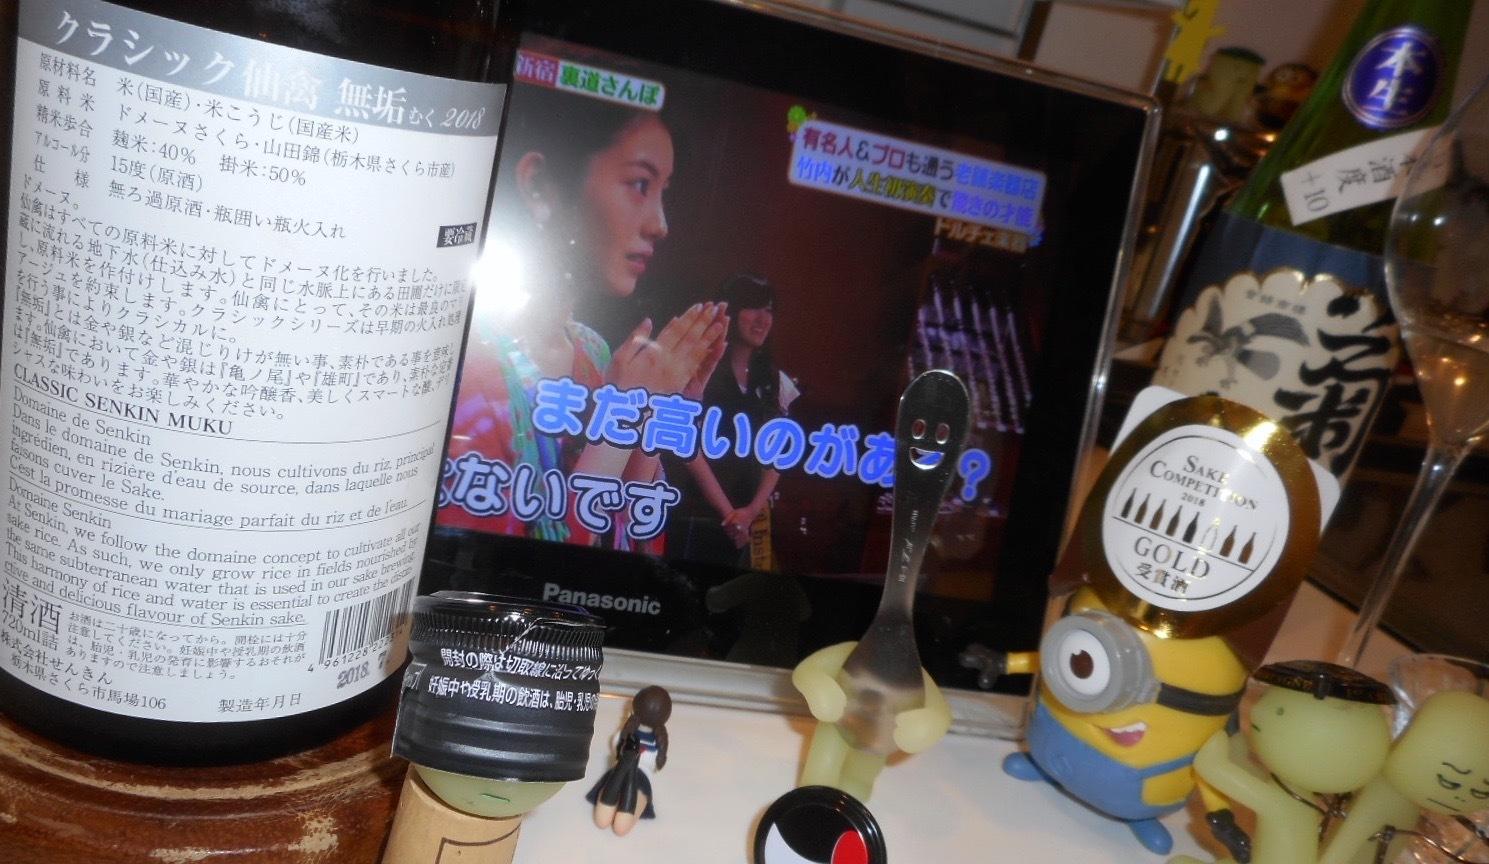 classic_senkin_muku29by2.jpg